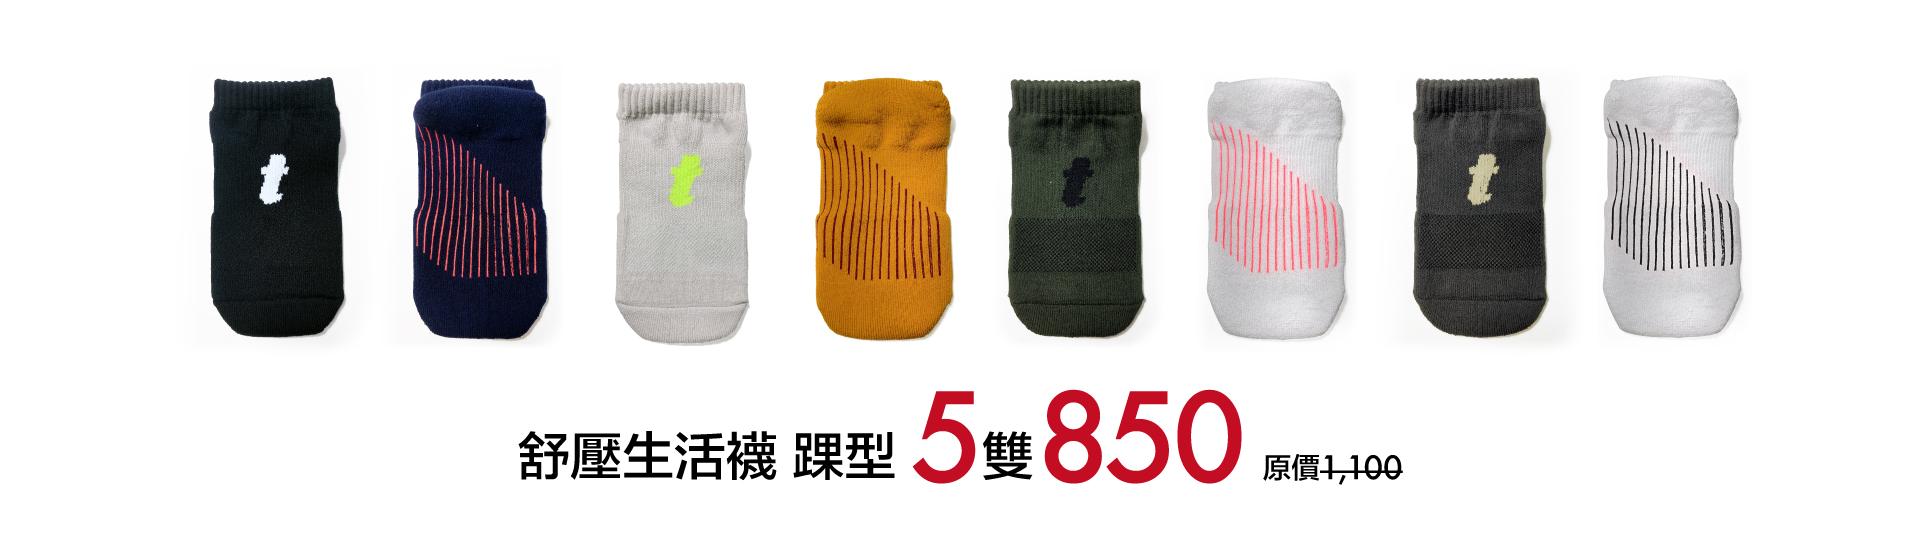 舒壓生活襪-踝型 5雙850元